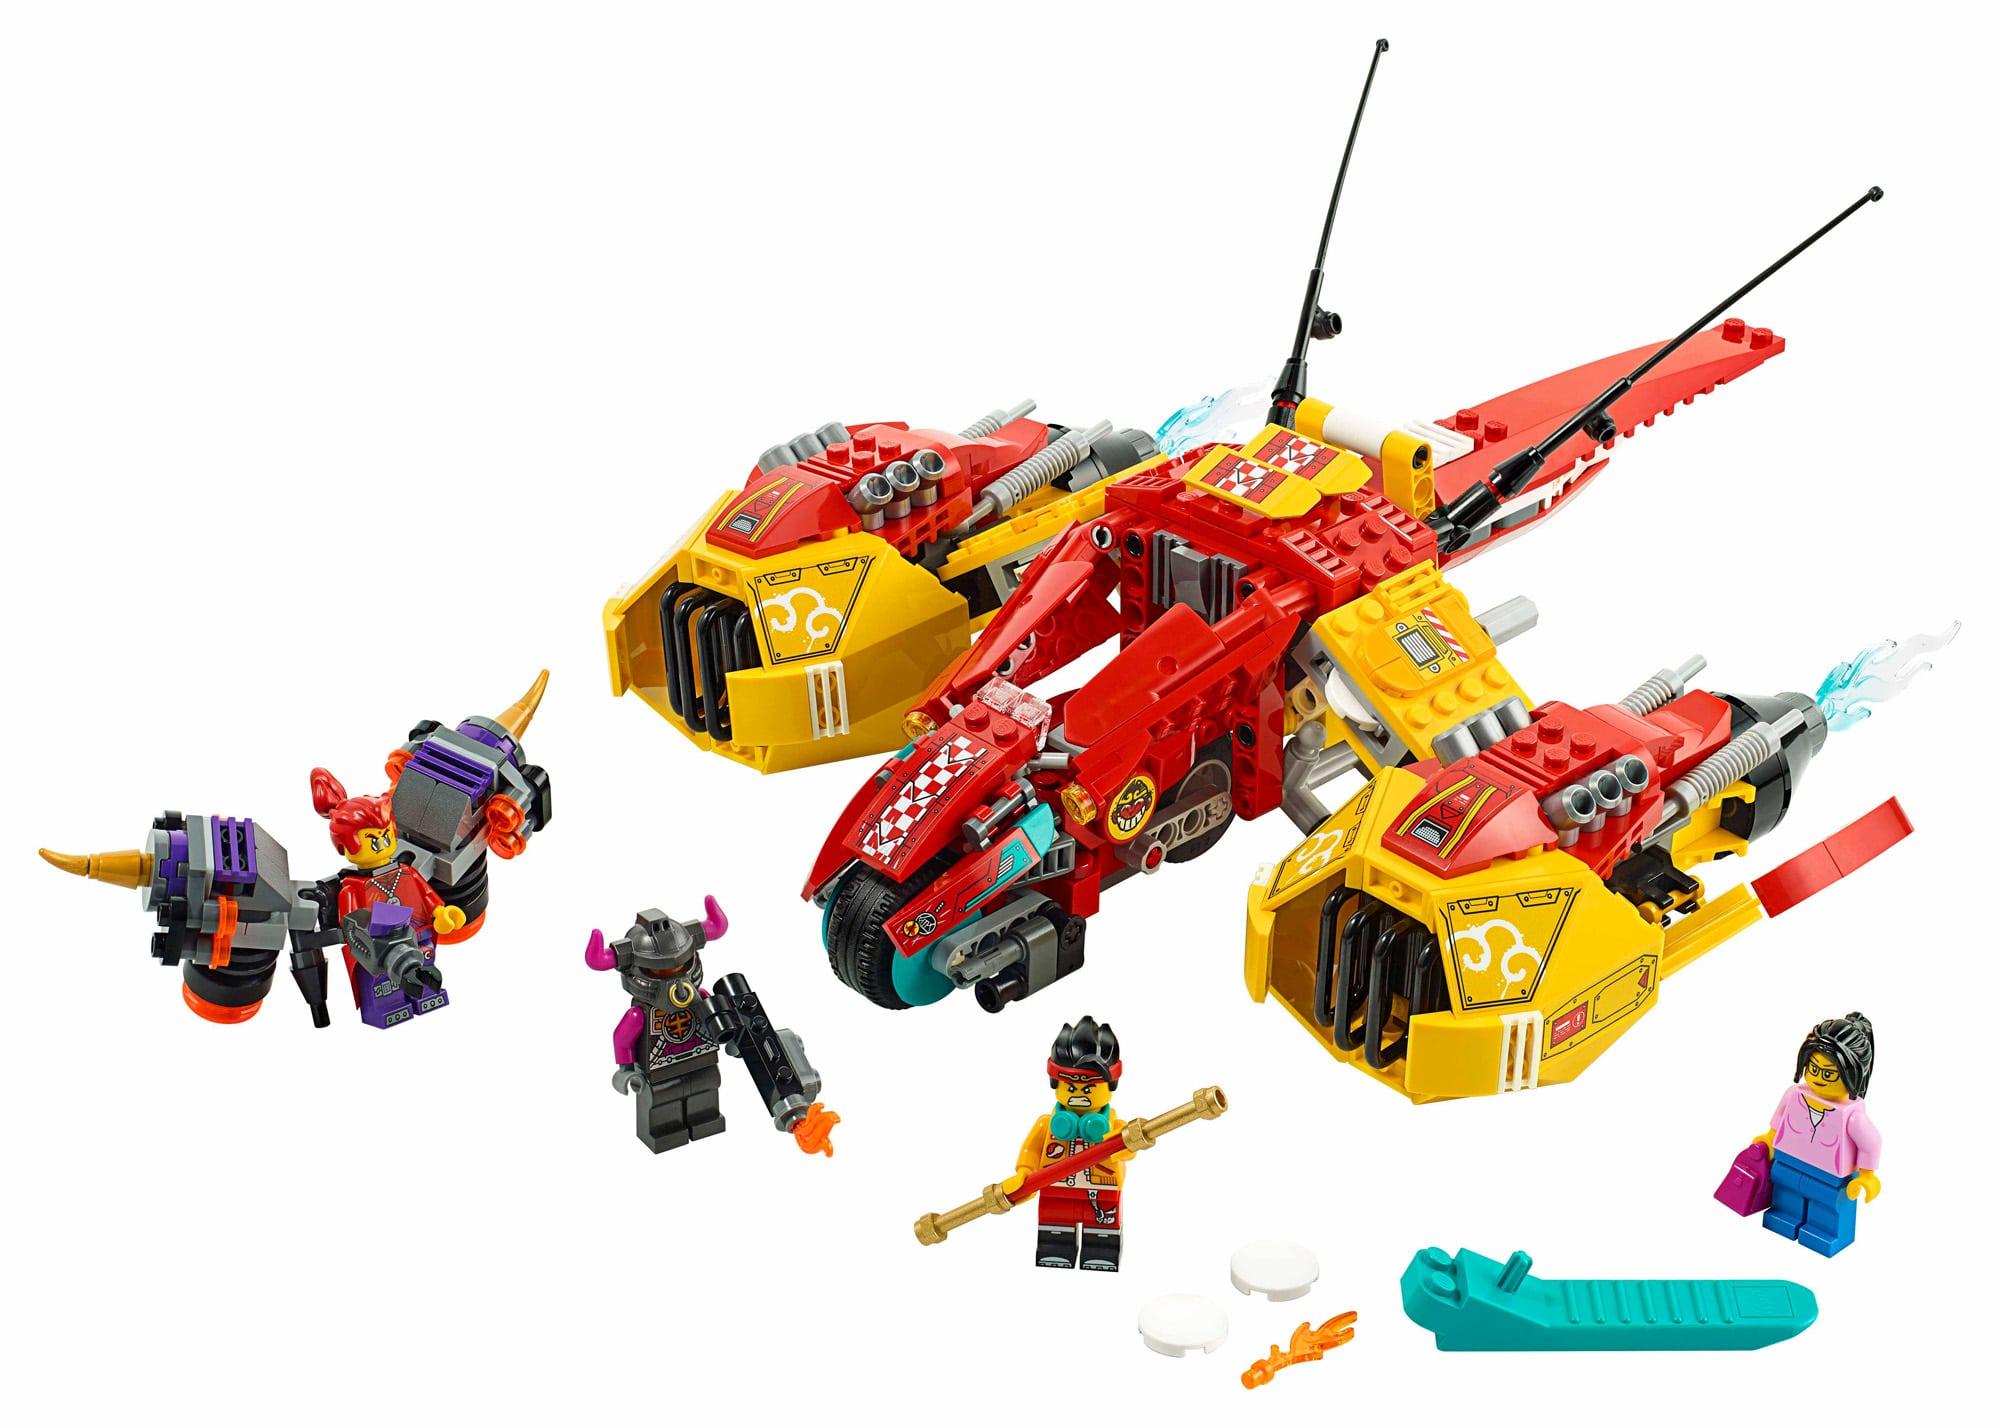 LEGO Monkie Kid 80008 Monkie Kids Cloud Jet (1)